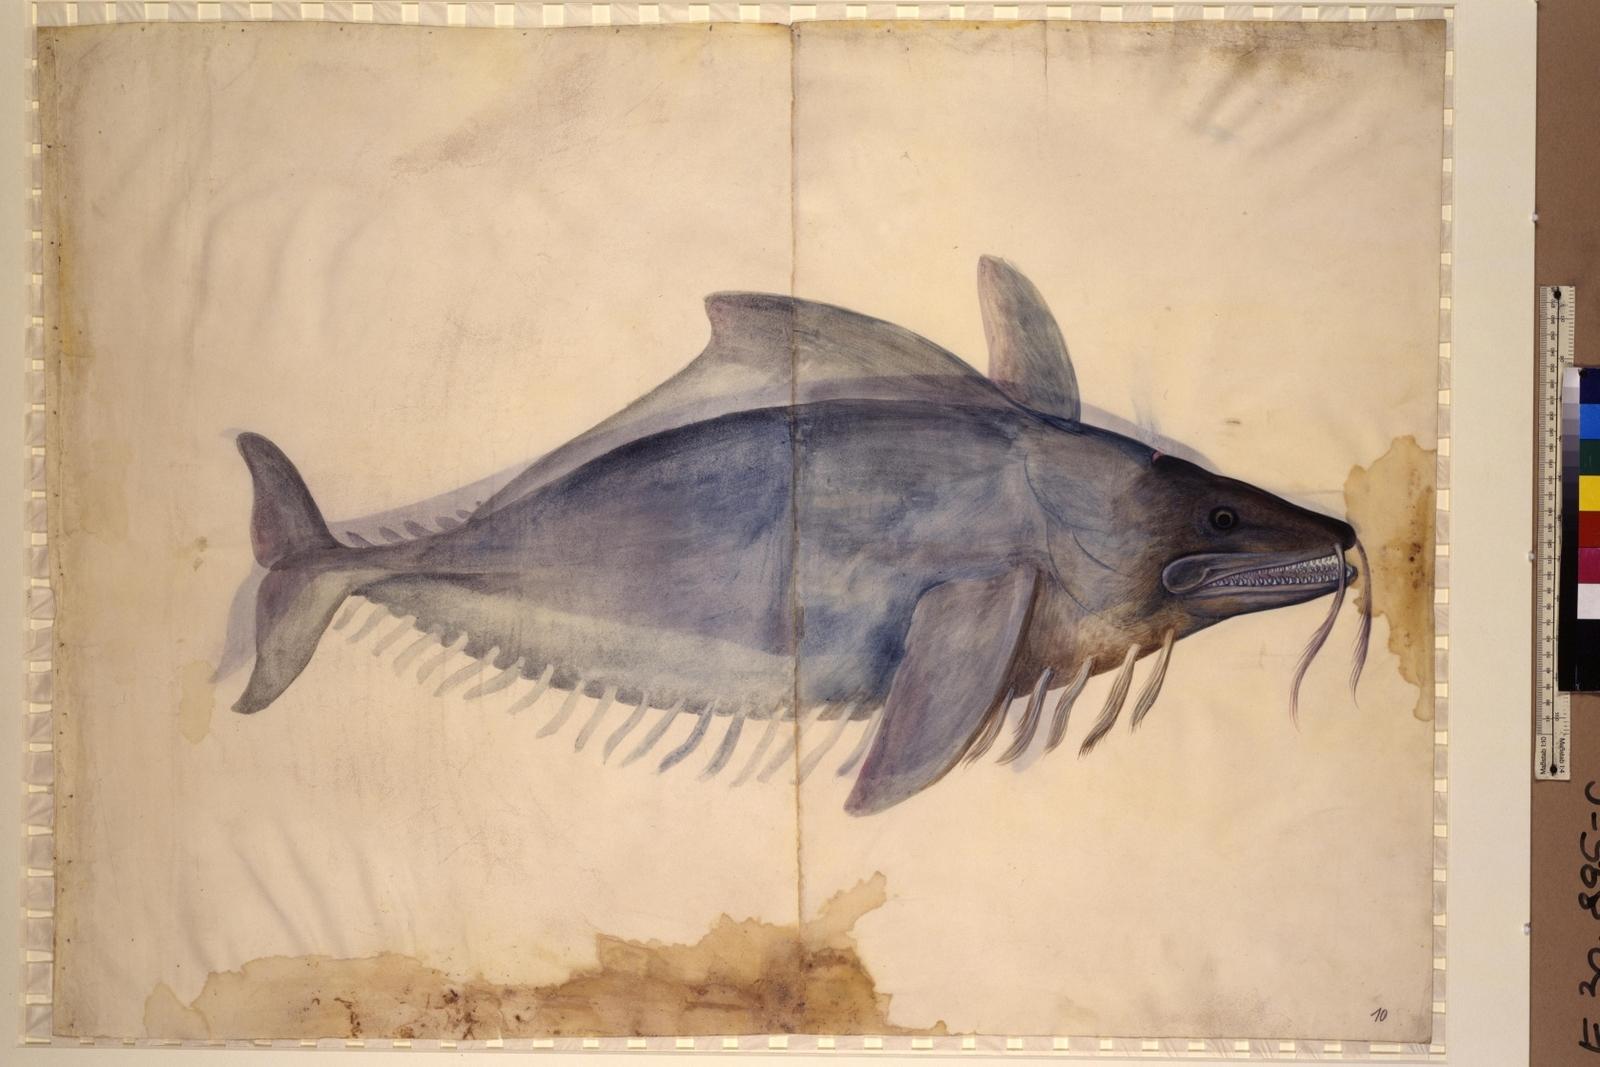 Cod. Ser. n. 2669, fol. 10r: Meeresfauna des Adriatischen Meeres: Wels